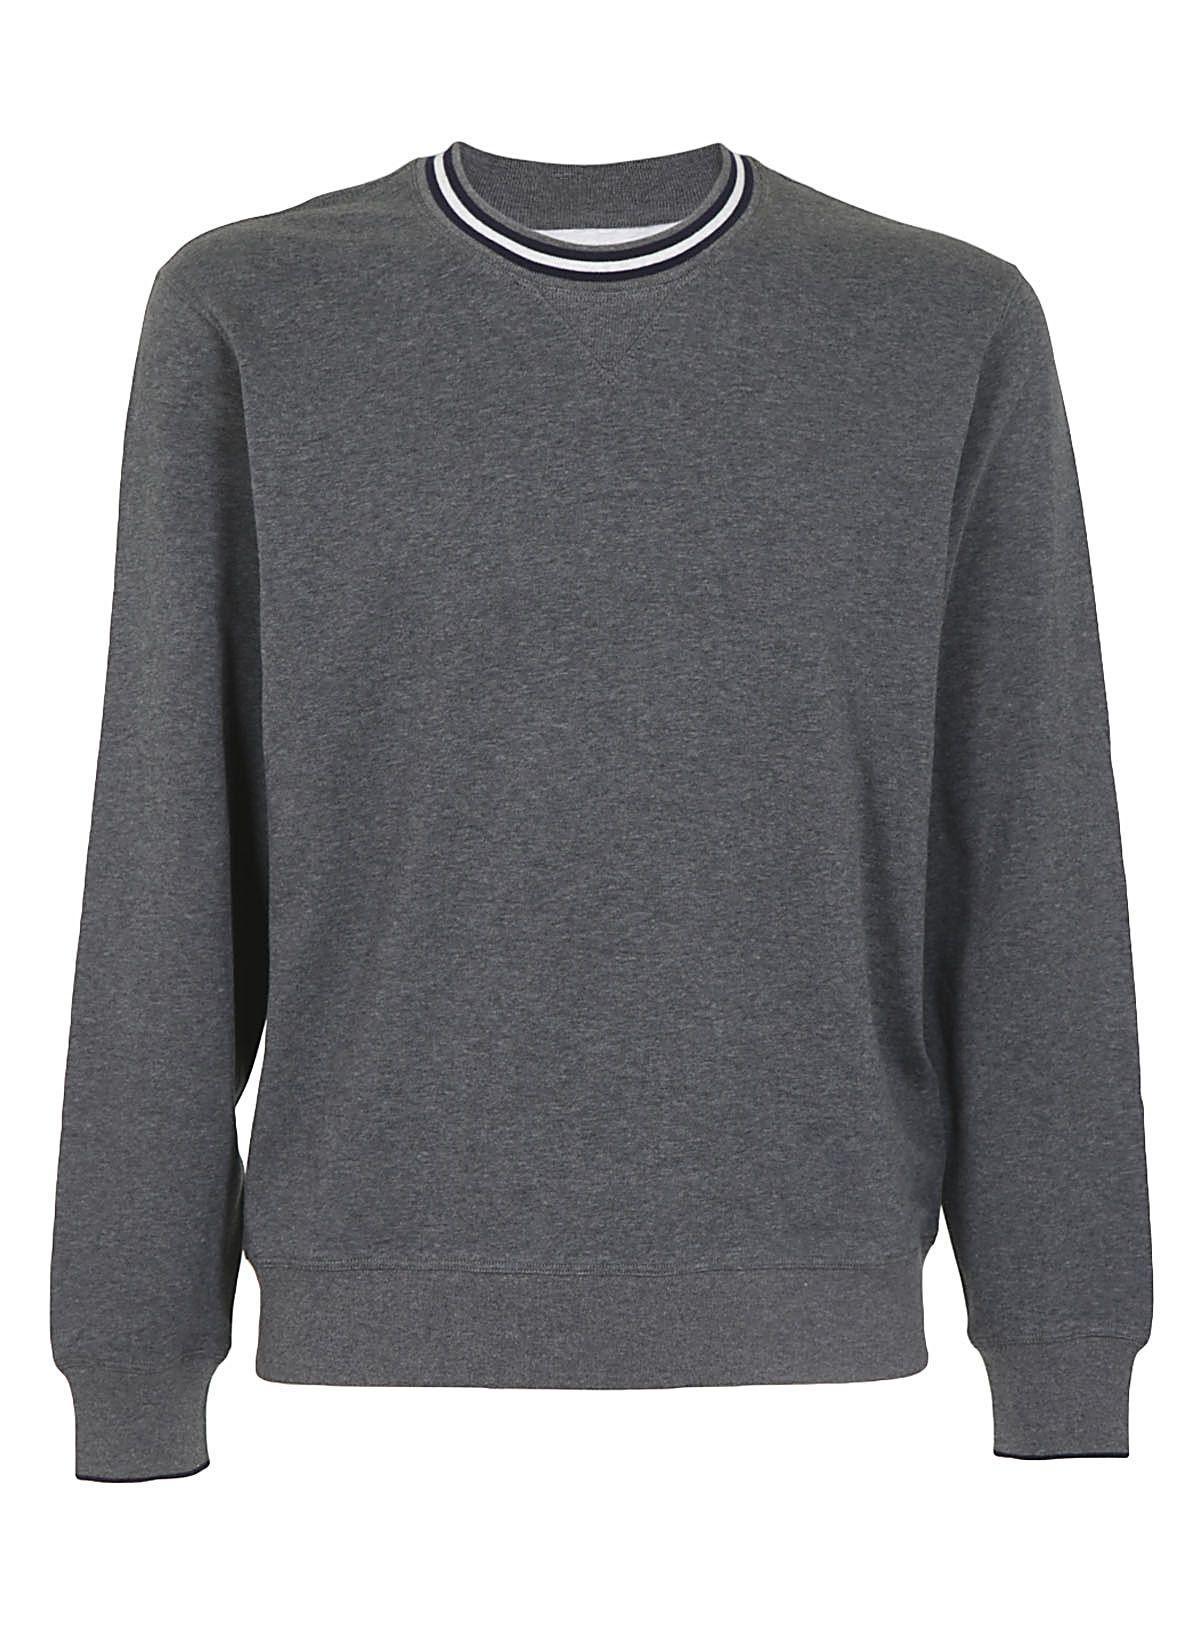 Brunello Cucinelli Knit Sweatshirt In Grigio